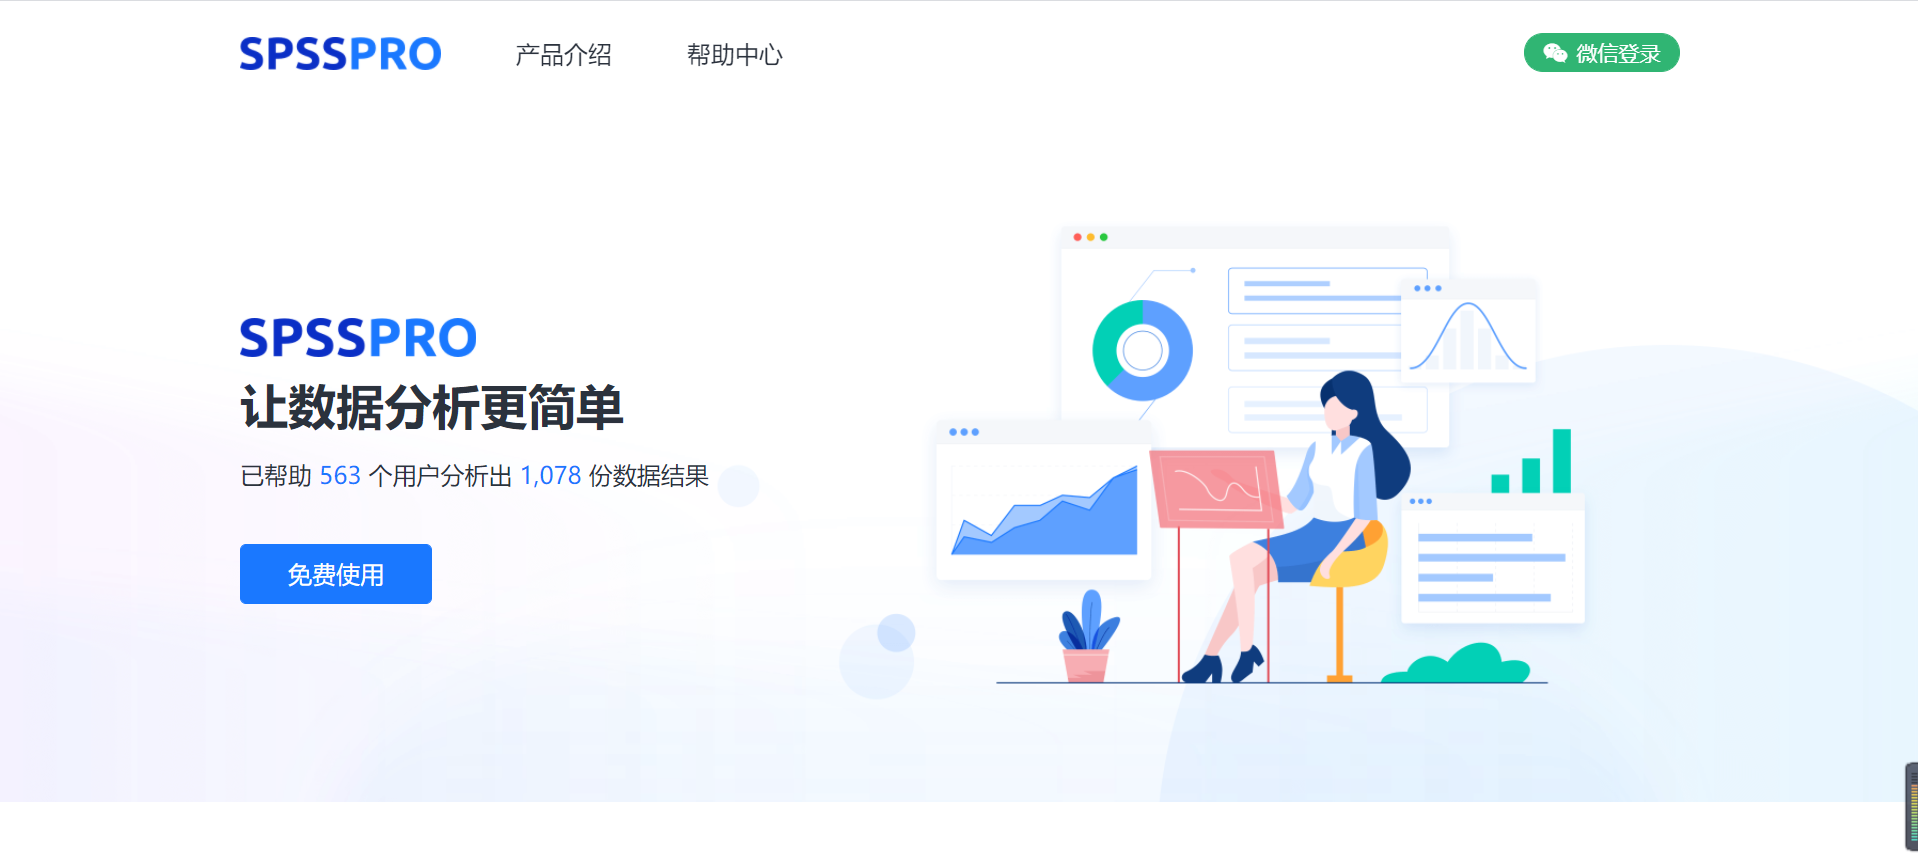 在线数据分析功能直逼传统统计软件SPSS,众言科技SPSSPRO问世,中国软件不怕卡脖子